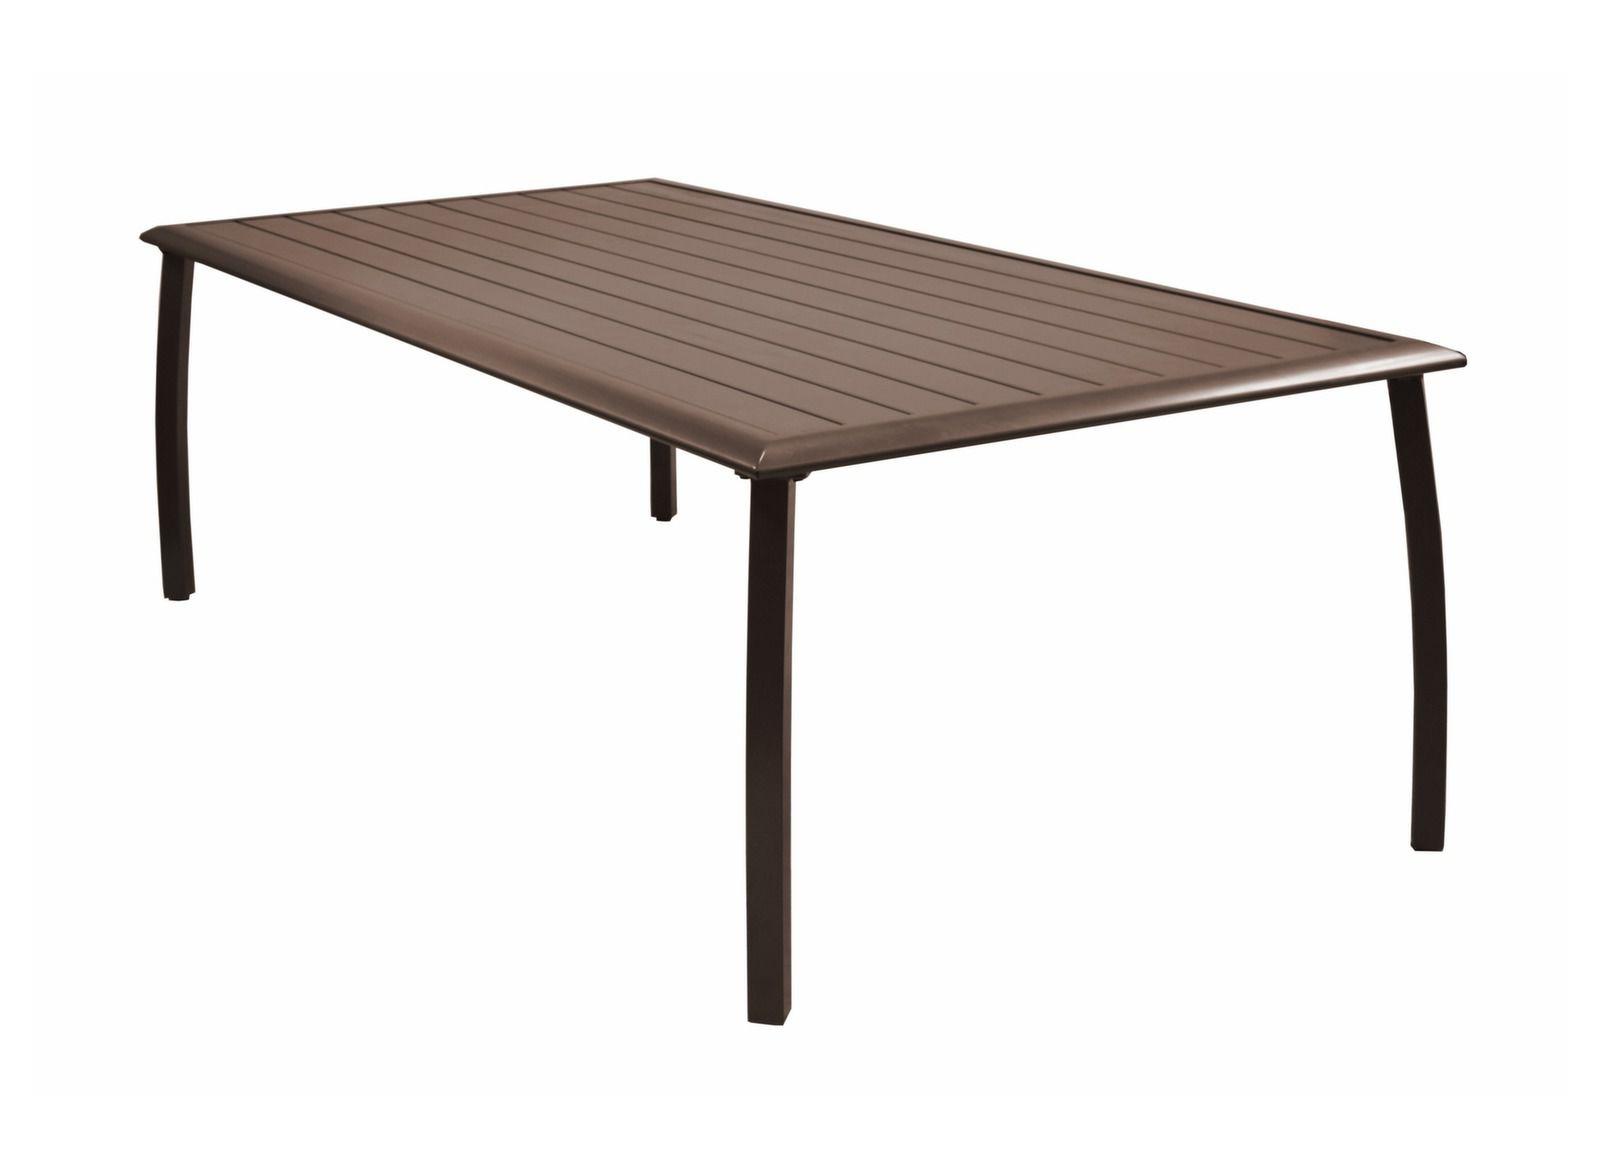 table azur 225 x 110 cm mobilier de jardin pour le repas promotions bons plans proloisirs. Black Bedroom Furniture Sets. Home Design Ideas